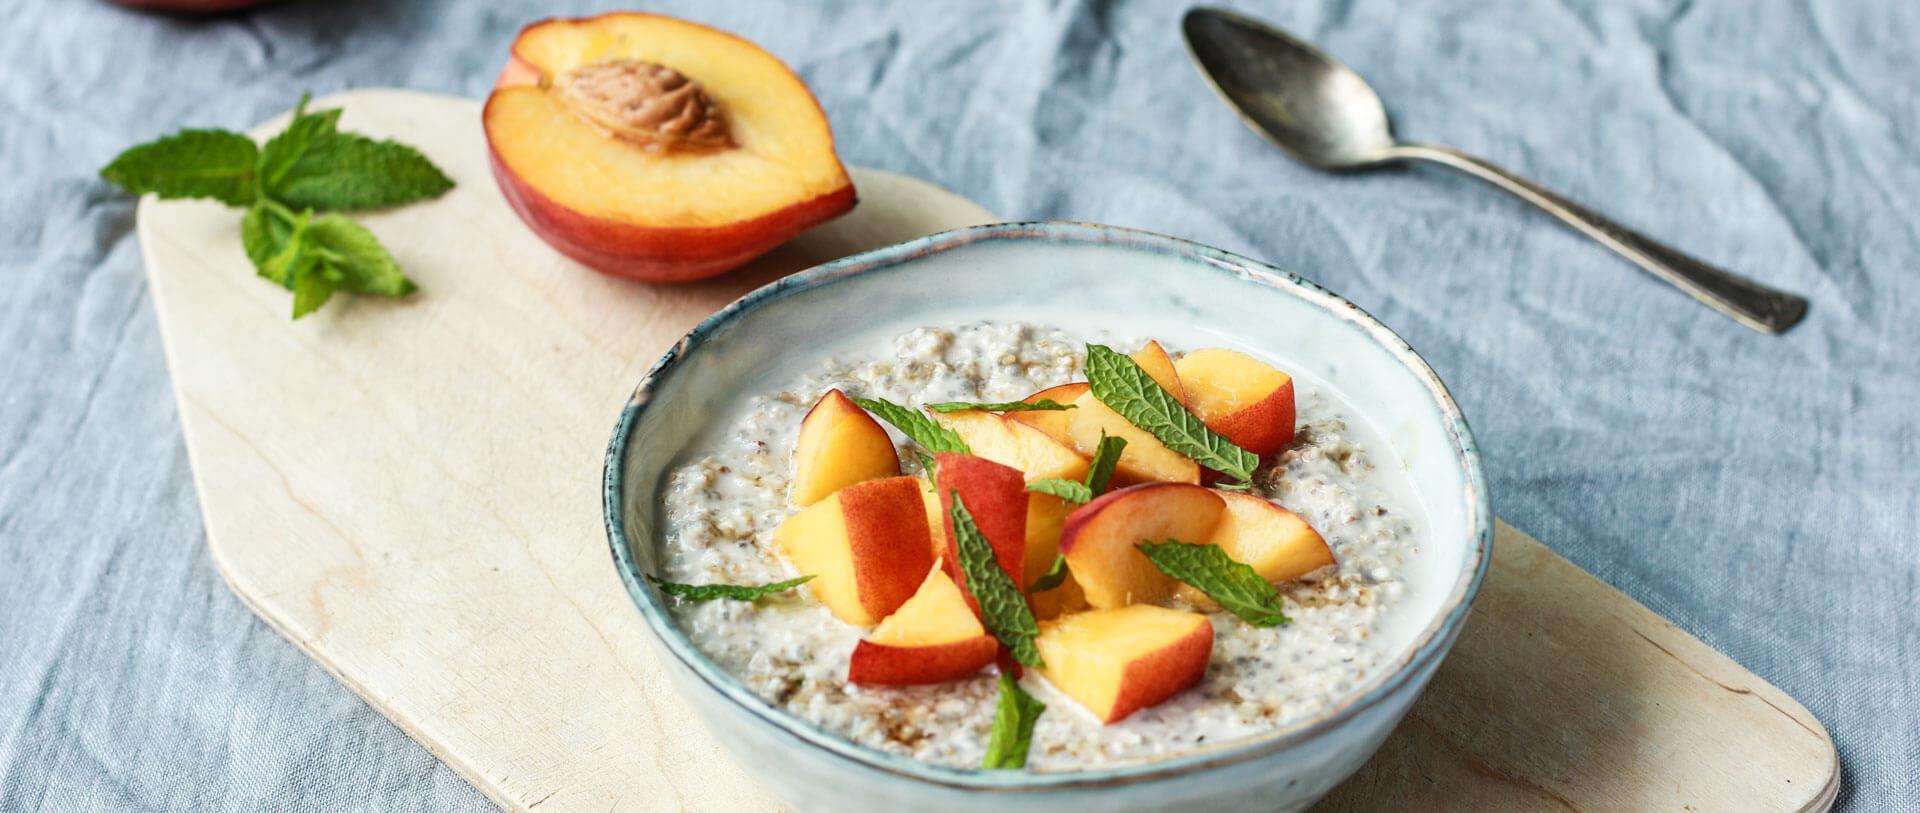 Gesundes Frühstück: Overnight Oats mit Pfirsich, Honig und Minze